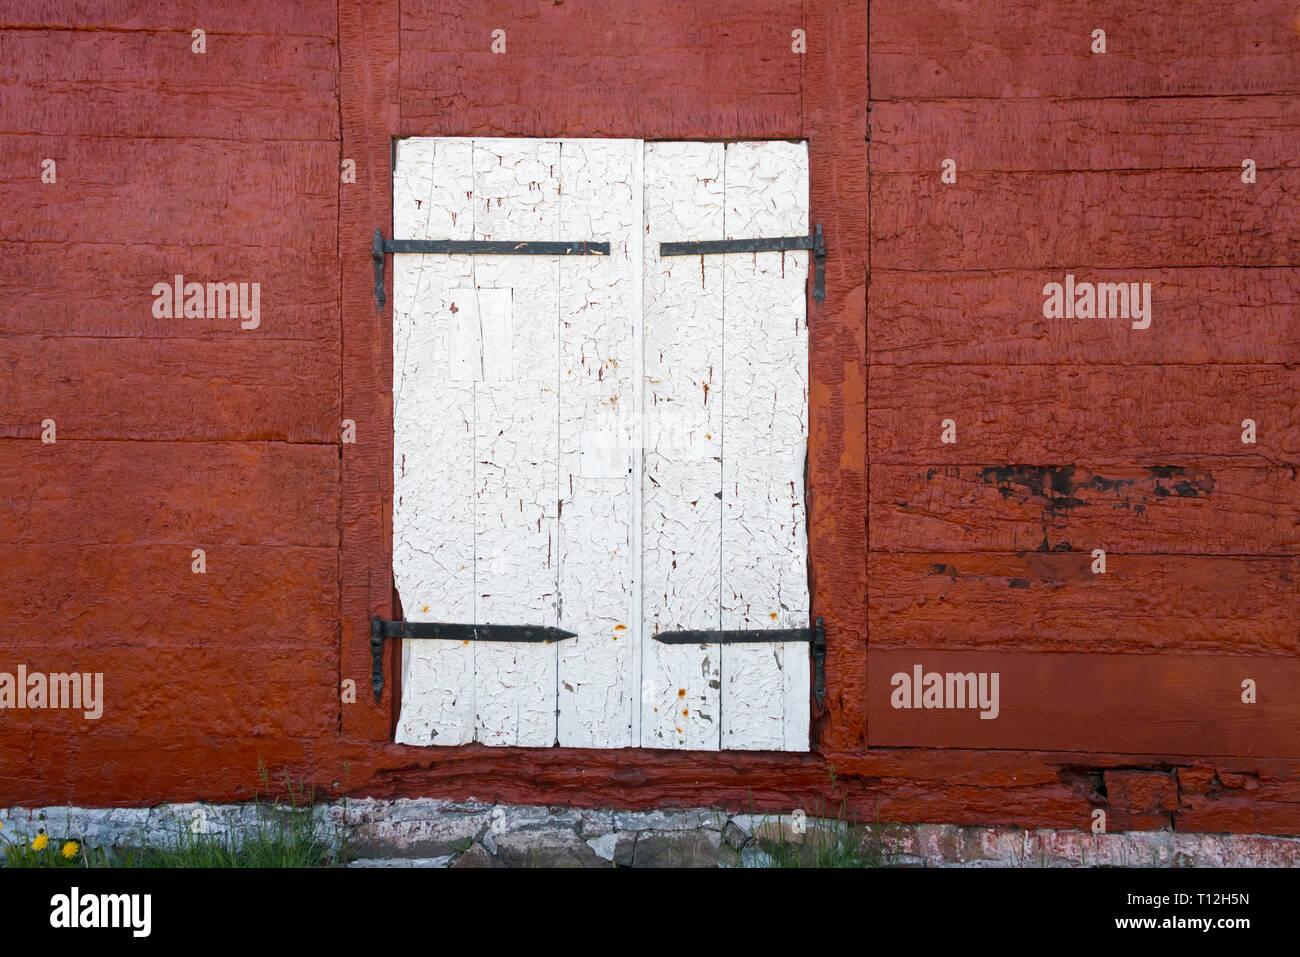 Peinture sur porte ancien entrepôt peeling, Sisimiut, Groenland Photo Stock